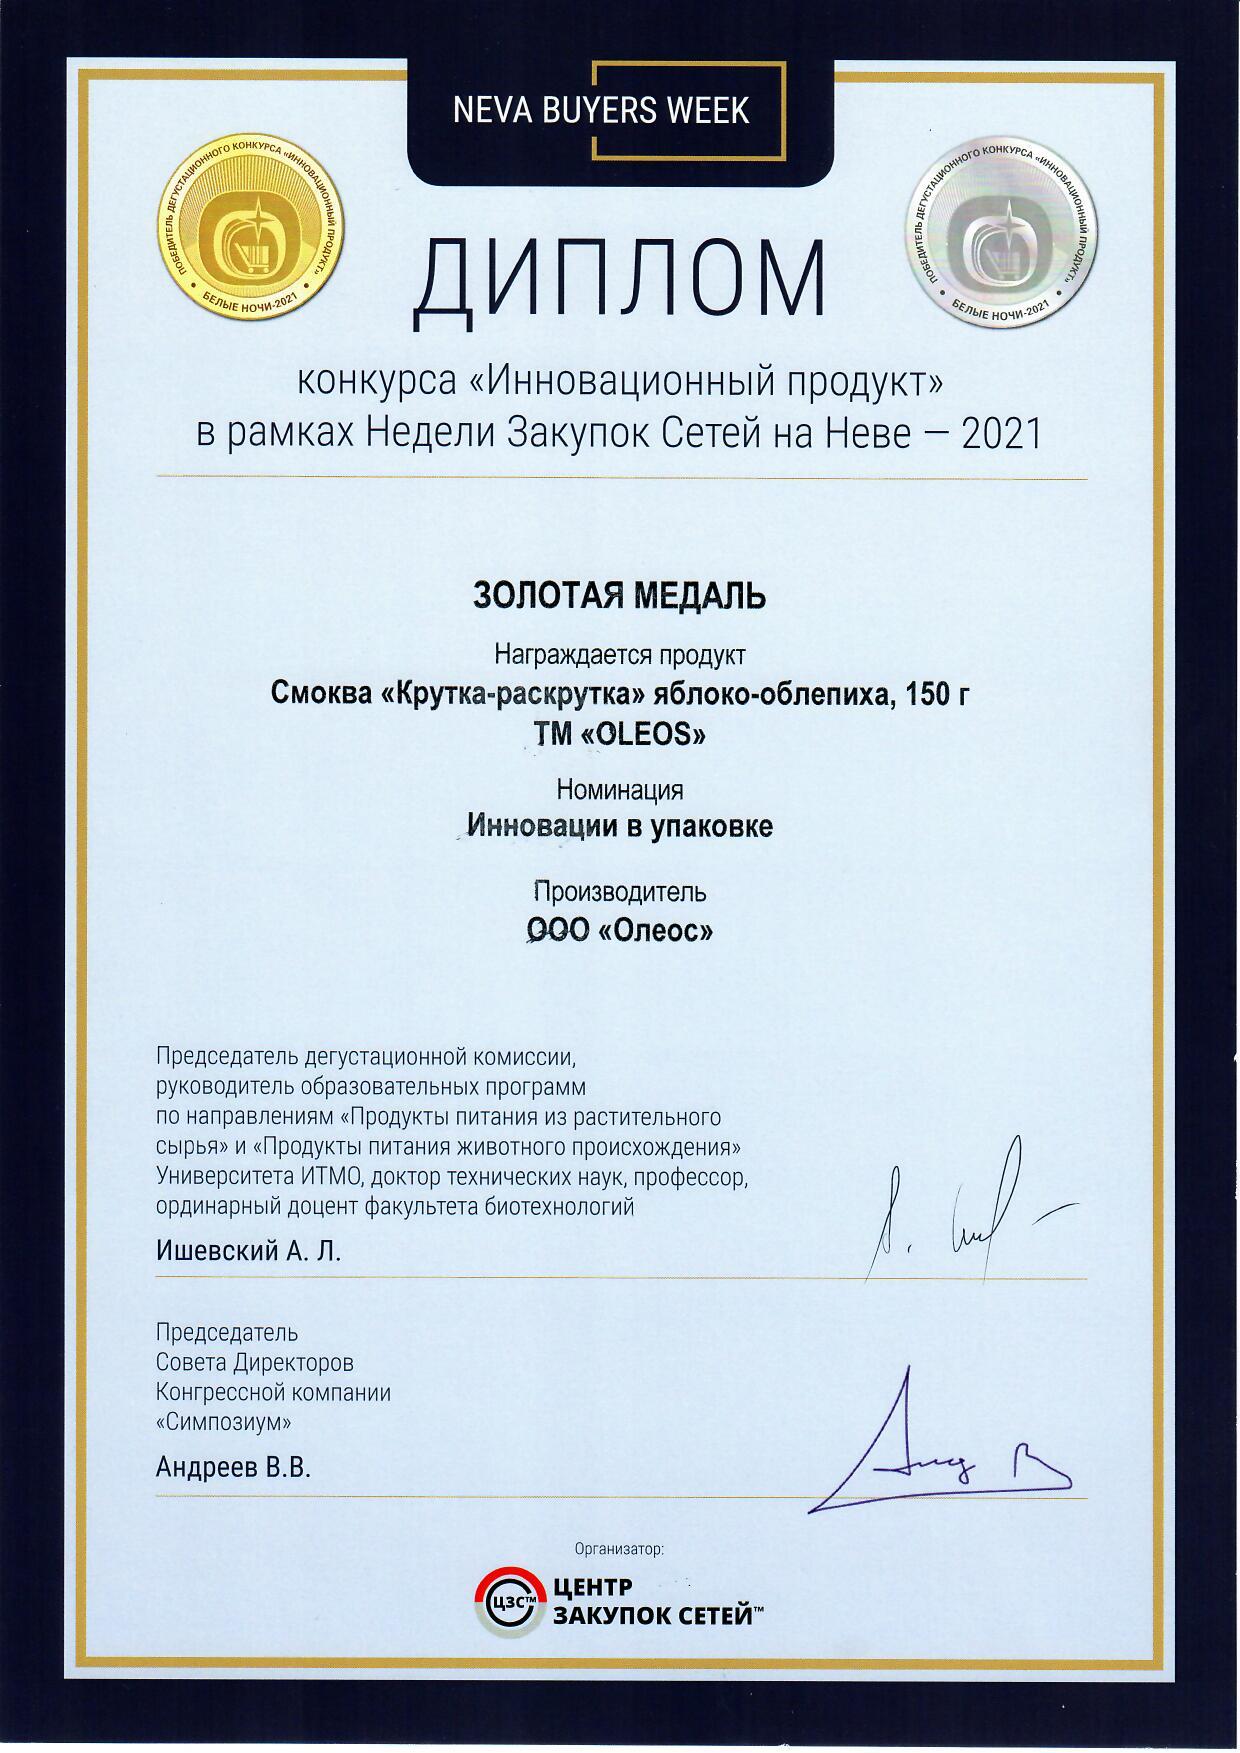 Смоква Яблоко-Облепиха 150 г